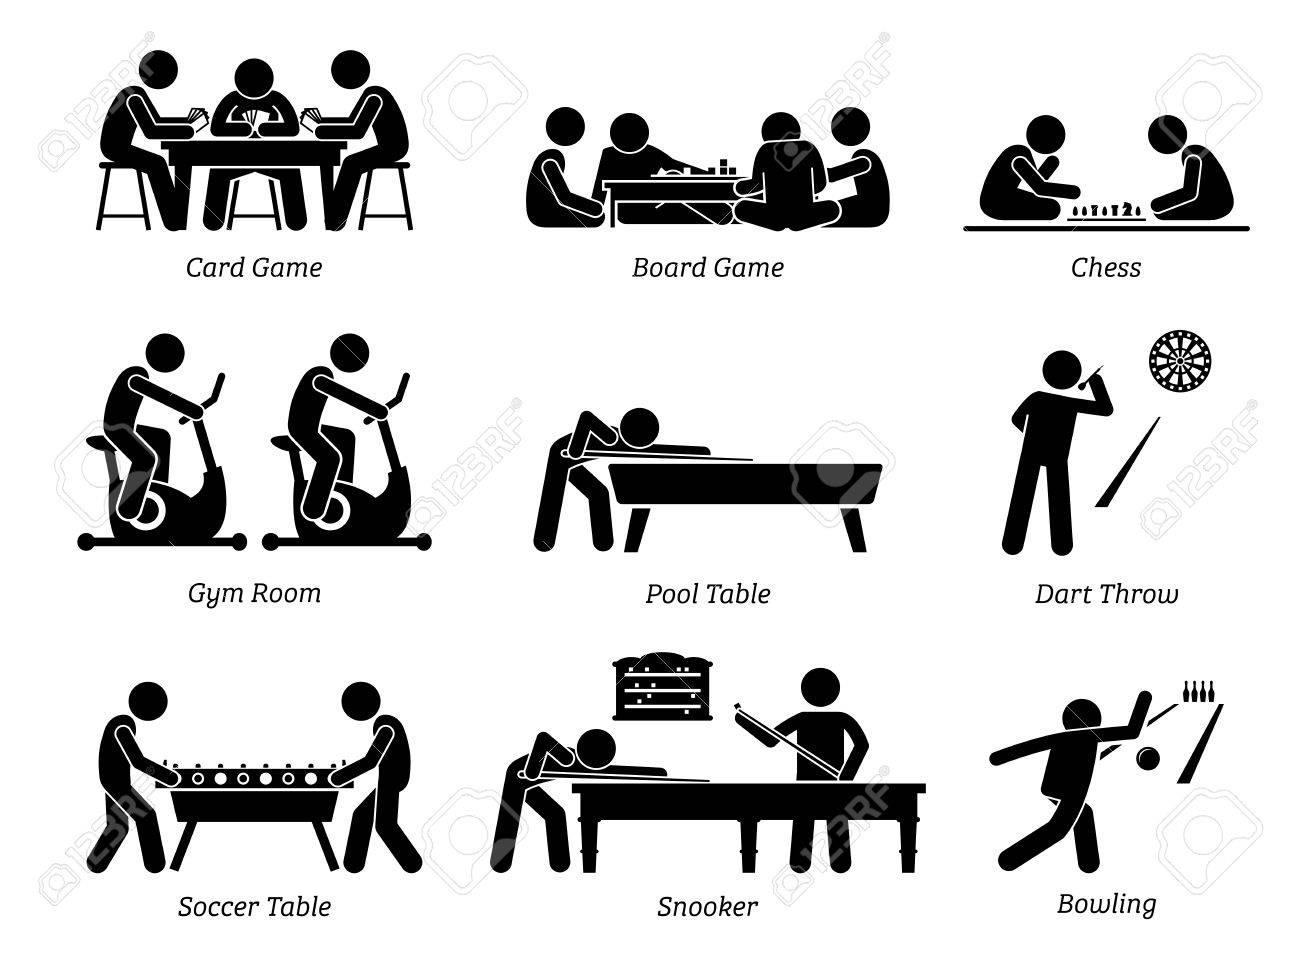 Indoor Club Games And Recreational Activities Stick Figures